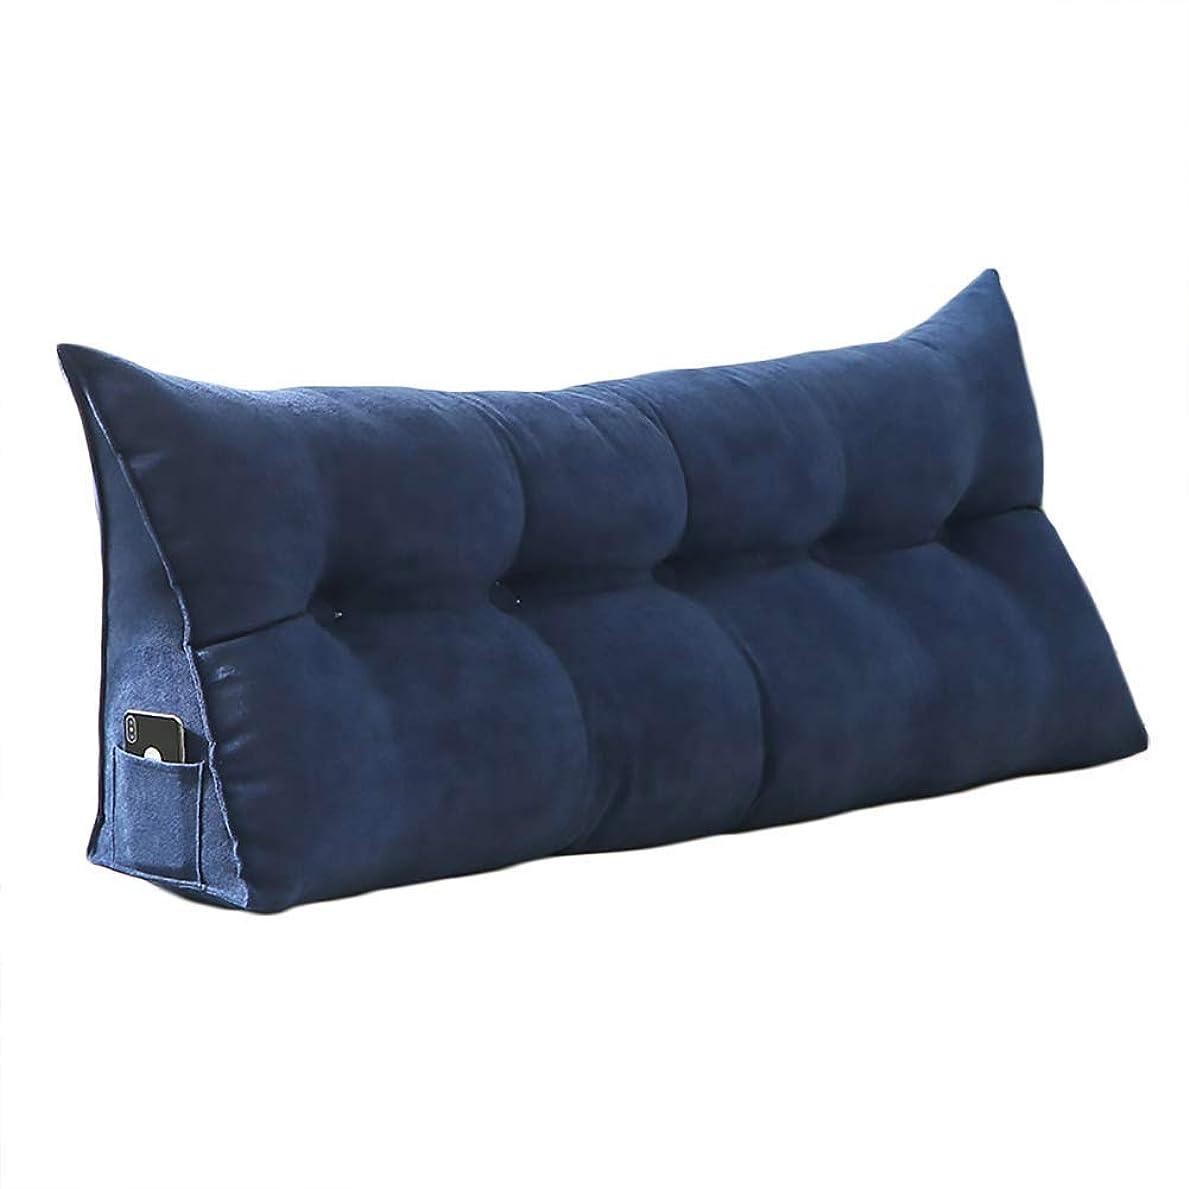 松遠近法バリーエクストラソフト 大 クッション,三角クッション 位置決め サポート 読ん 背もたれ 三角枕 の ベッド 二段ベッド 取り外し可能なカバー-青 120x50cm(47x20inch)